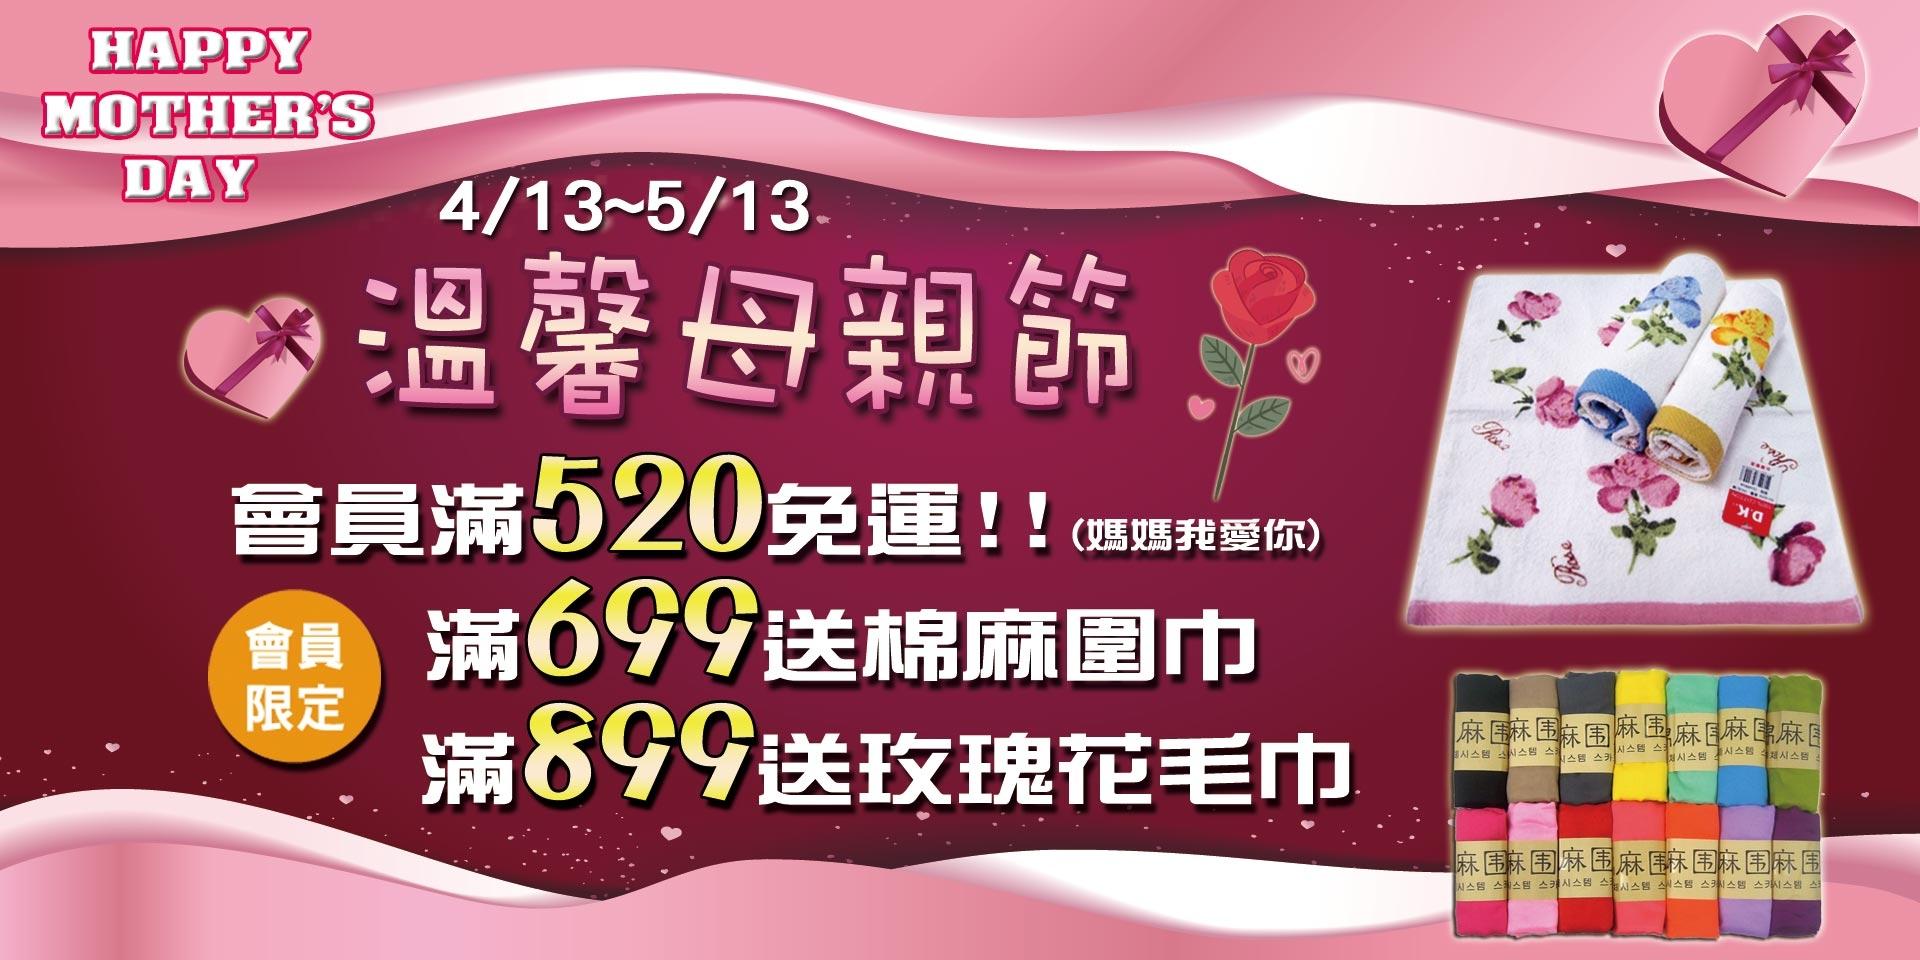 歡慶母親節~會員滿520免運、滿699送棉麻圍巾、滿899送玫瑰花毛巾